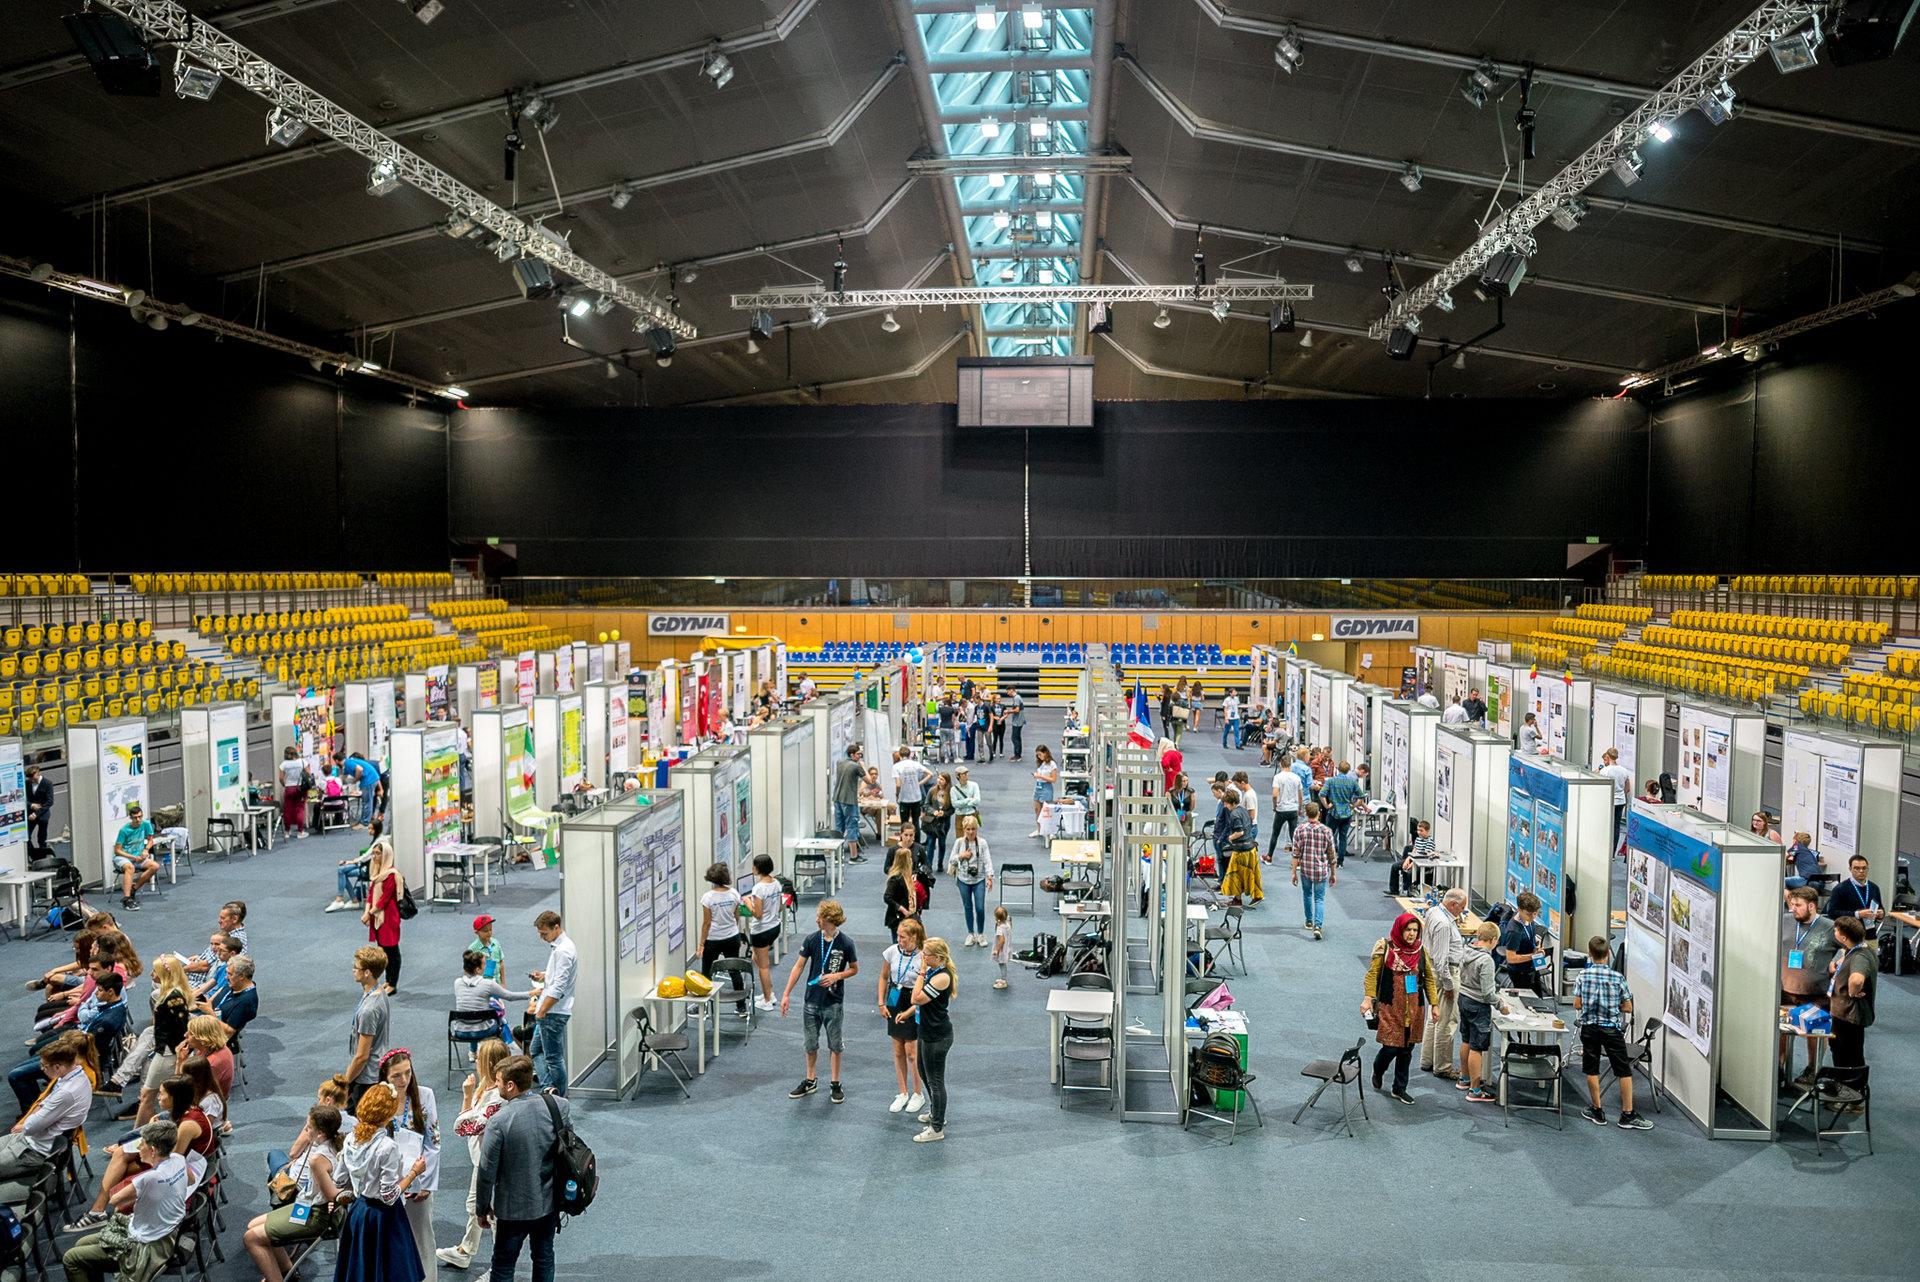 Trwają największe w Europie międzynarodowe targi dla młodych innowatorów